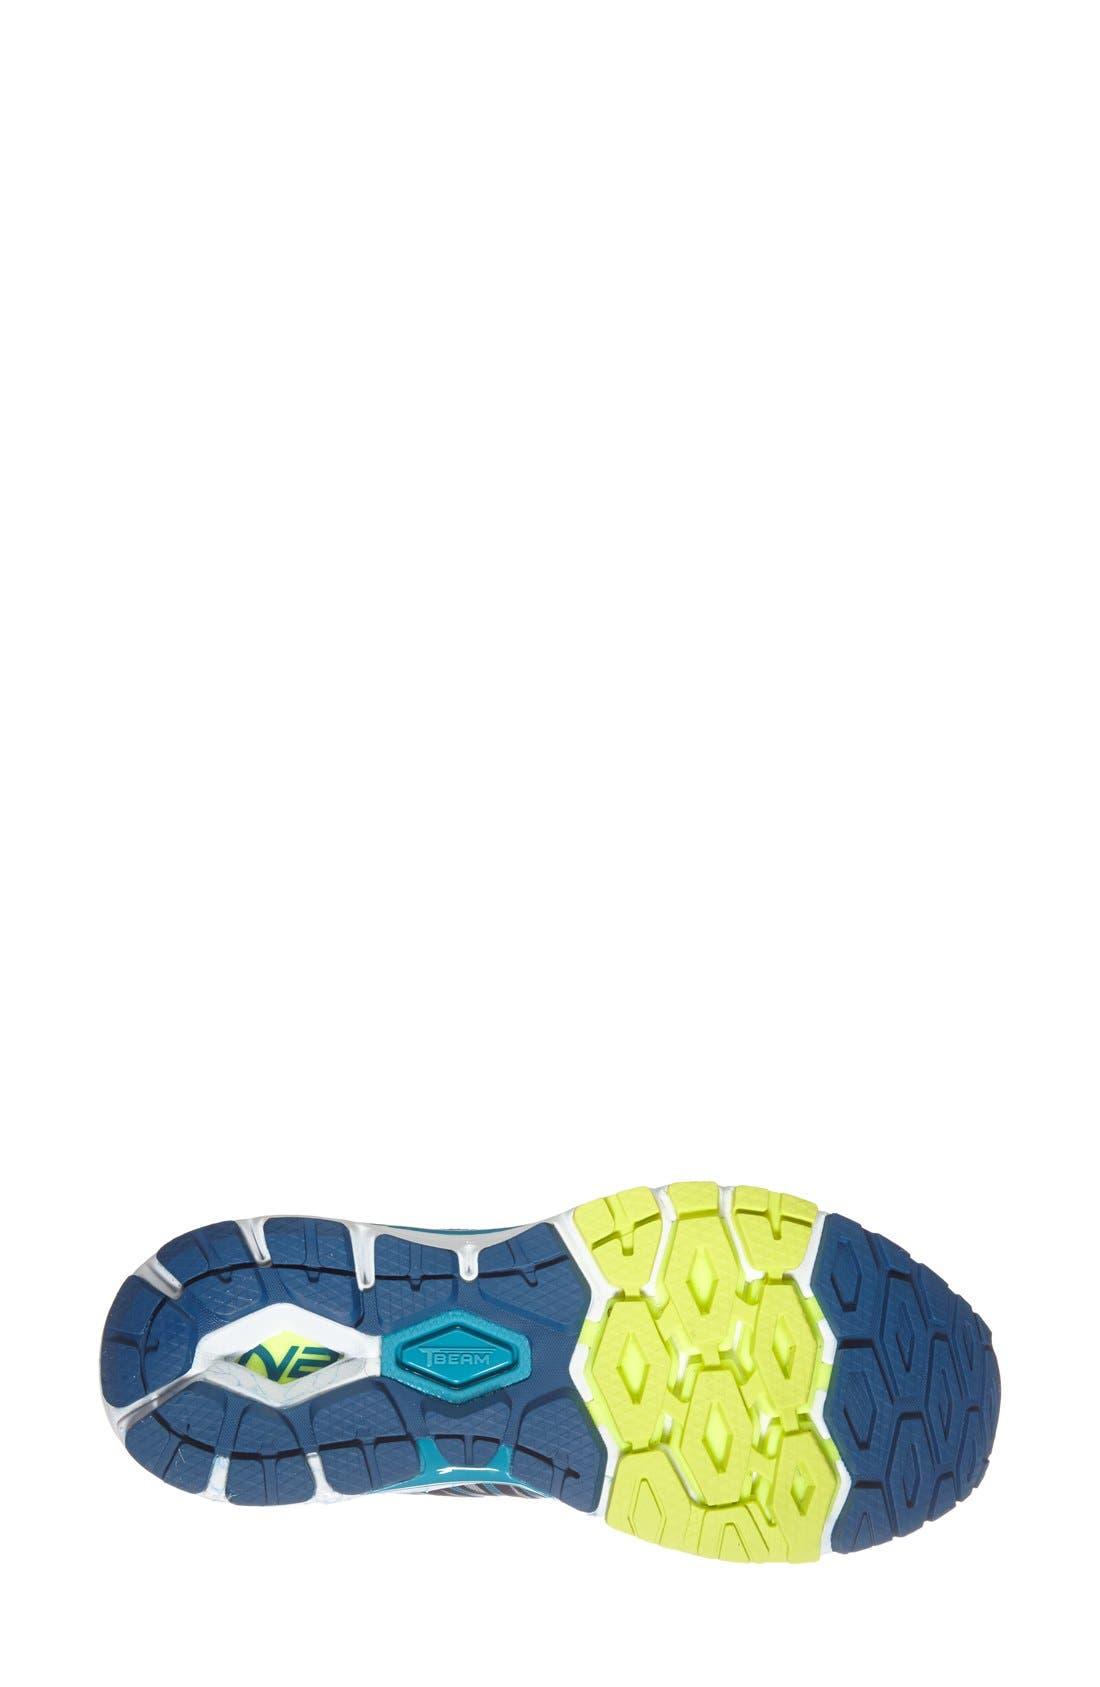 1260 v5' Running Shoe,                             Alternate thumbnail 3, color,                             041